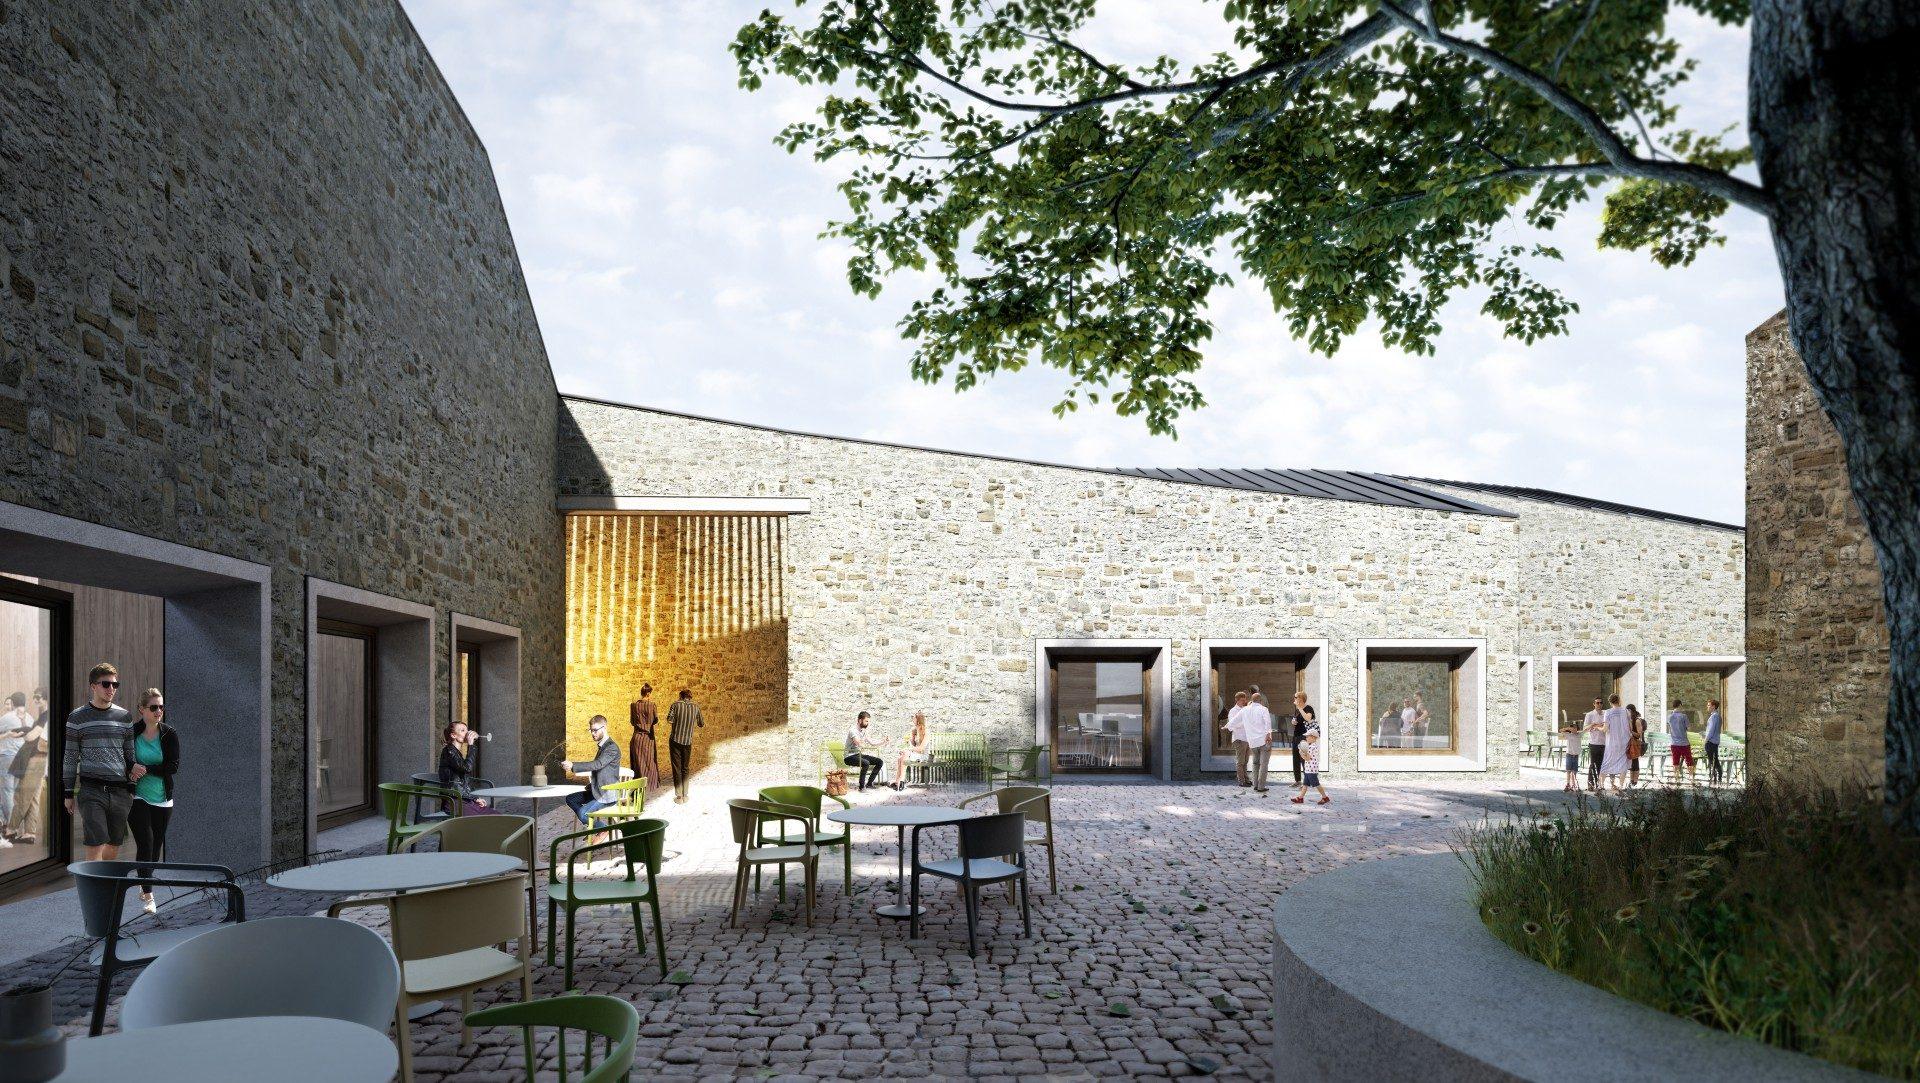 Centro Cultural de Santa Cruz de Bezana